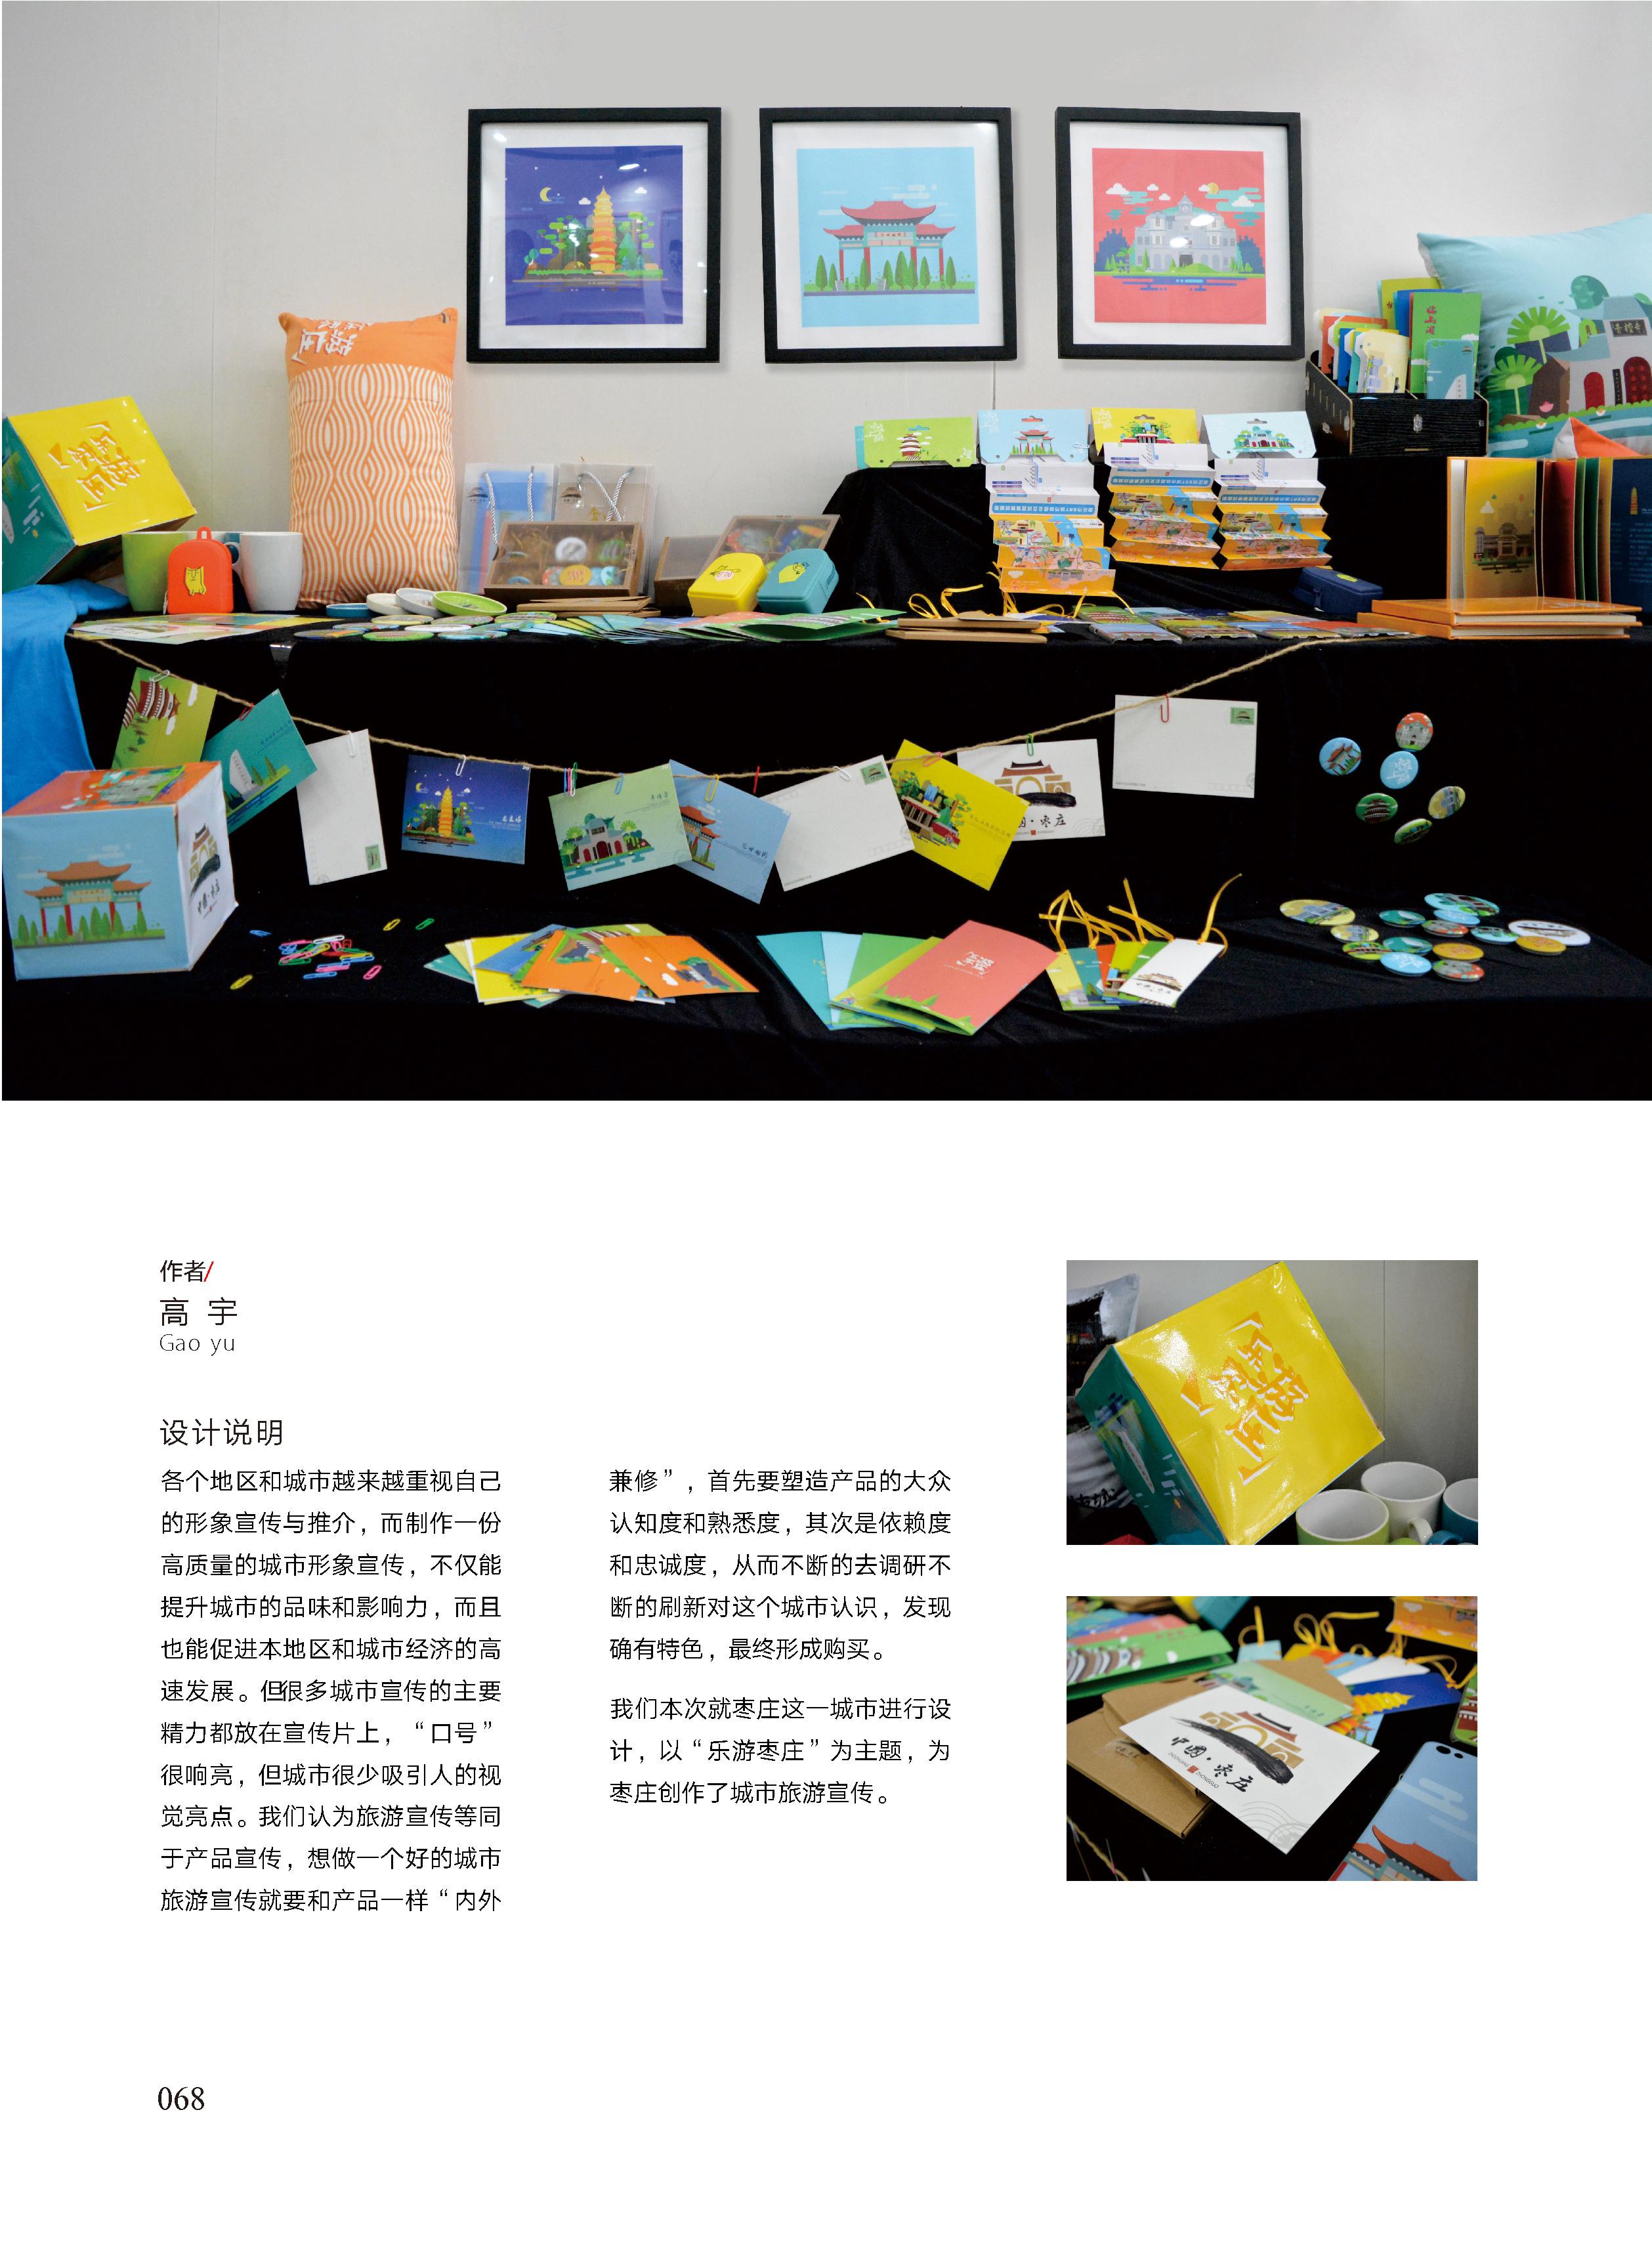 书籍装帧设计 2017毕业设计作品集图片